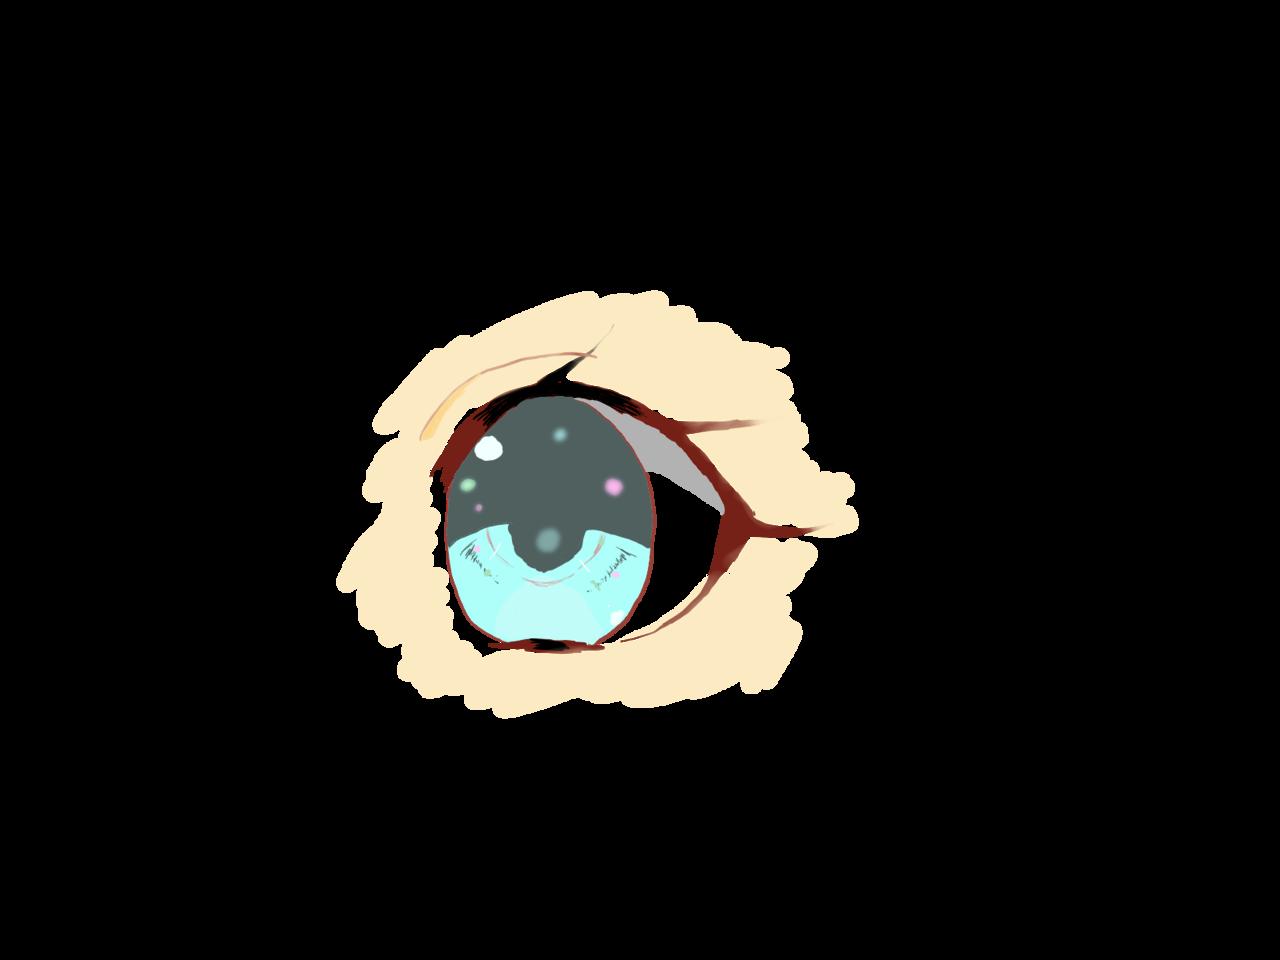 目(初デジタル) Illust of ❦E❦ illustration painting 初デジタル digital 水色 メディバン eyes メディバンペイント